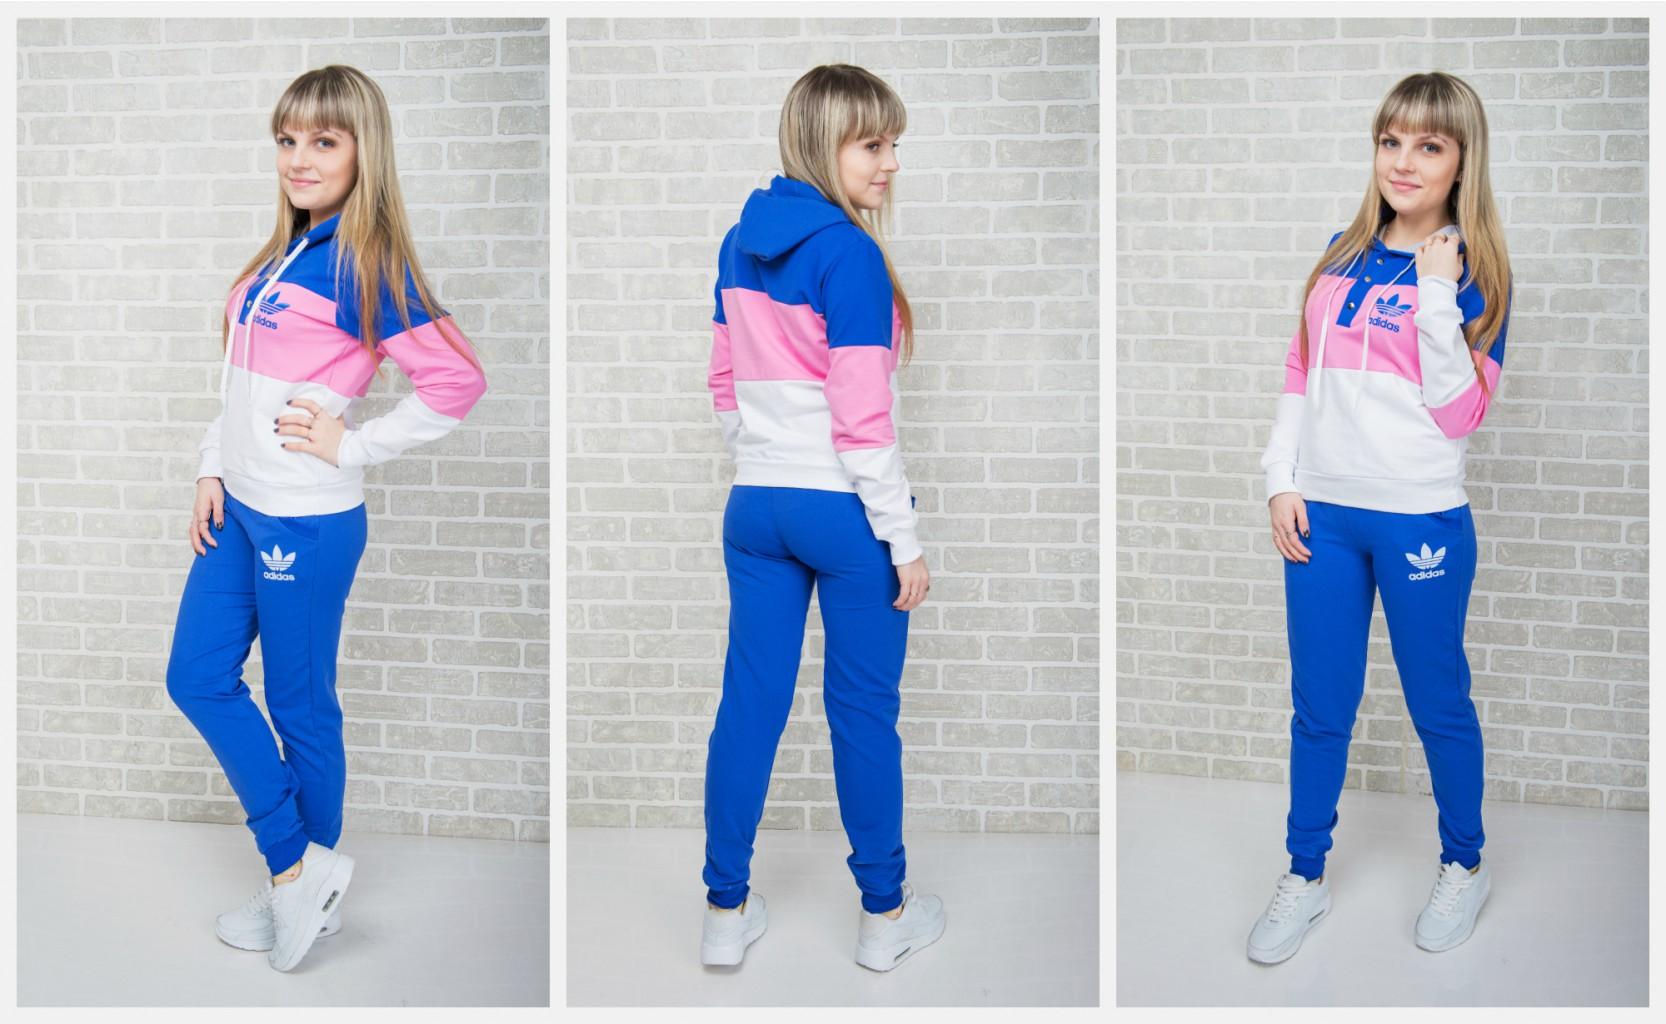 Свободный стиль - продолжаем готовиться к активному отдыху. Все больше моделей легких спортивных костюмов женских и детских. Появились футболки.